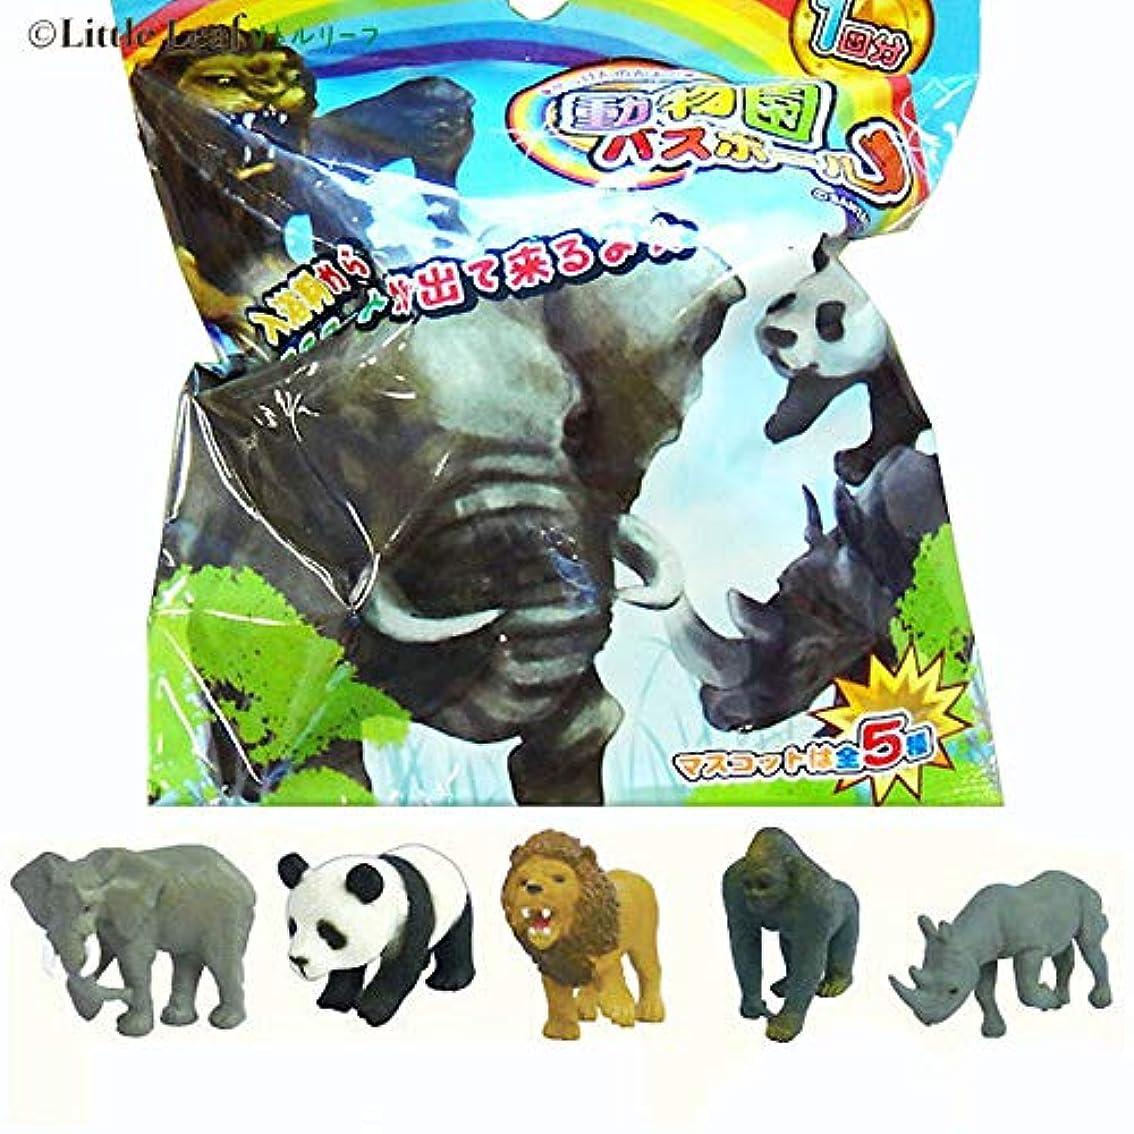 似ている密度外向き【5個入り】 動物園 陸の生き物 バスボール せっけんの香り ライオンなどのカッコいい生き物 ☆何が出るかはお楽しみ☆